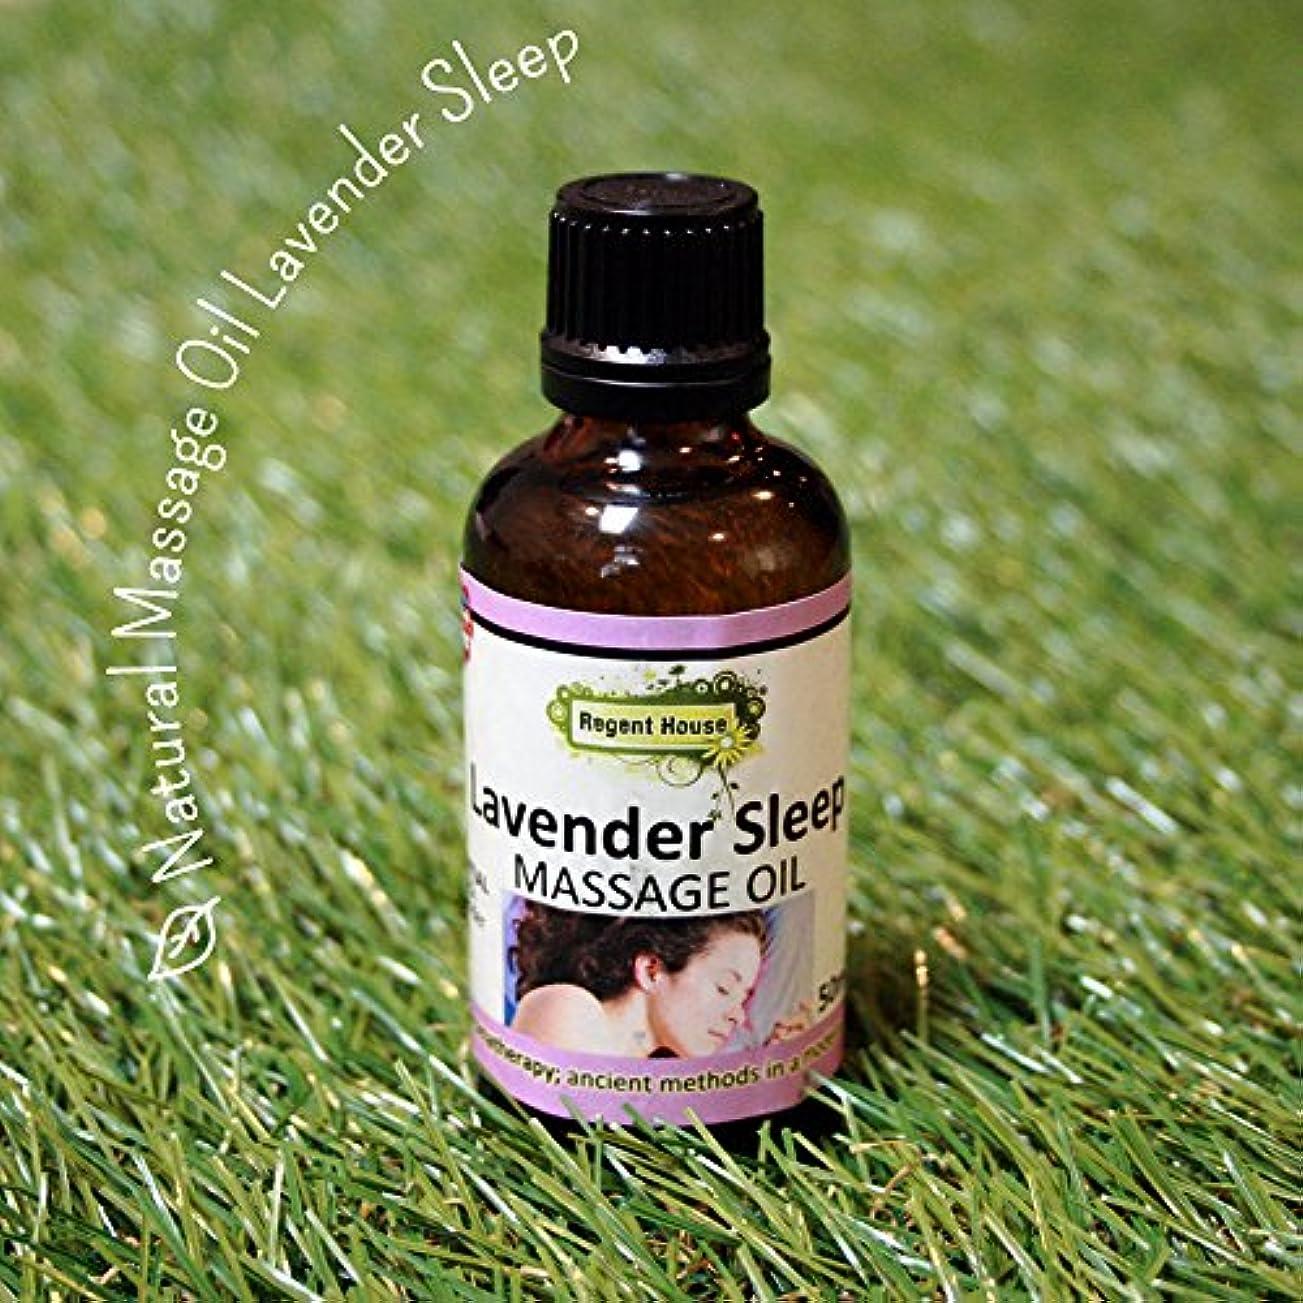 鉄道ショートラッシュフランス産のオーガニックラベンダーのみの、贅沢オイル。 アロマ ナチュラル マッサージオイル 50ml ラベンダースリープ(Aroma Massage Oil Lavender Sleep)